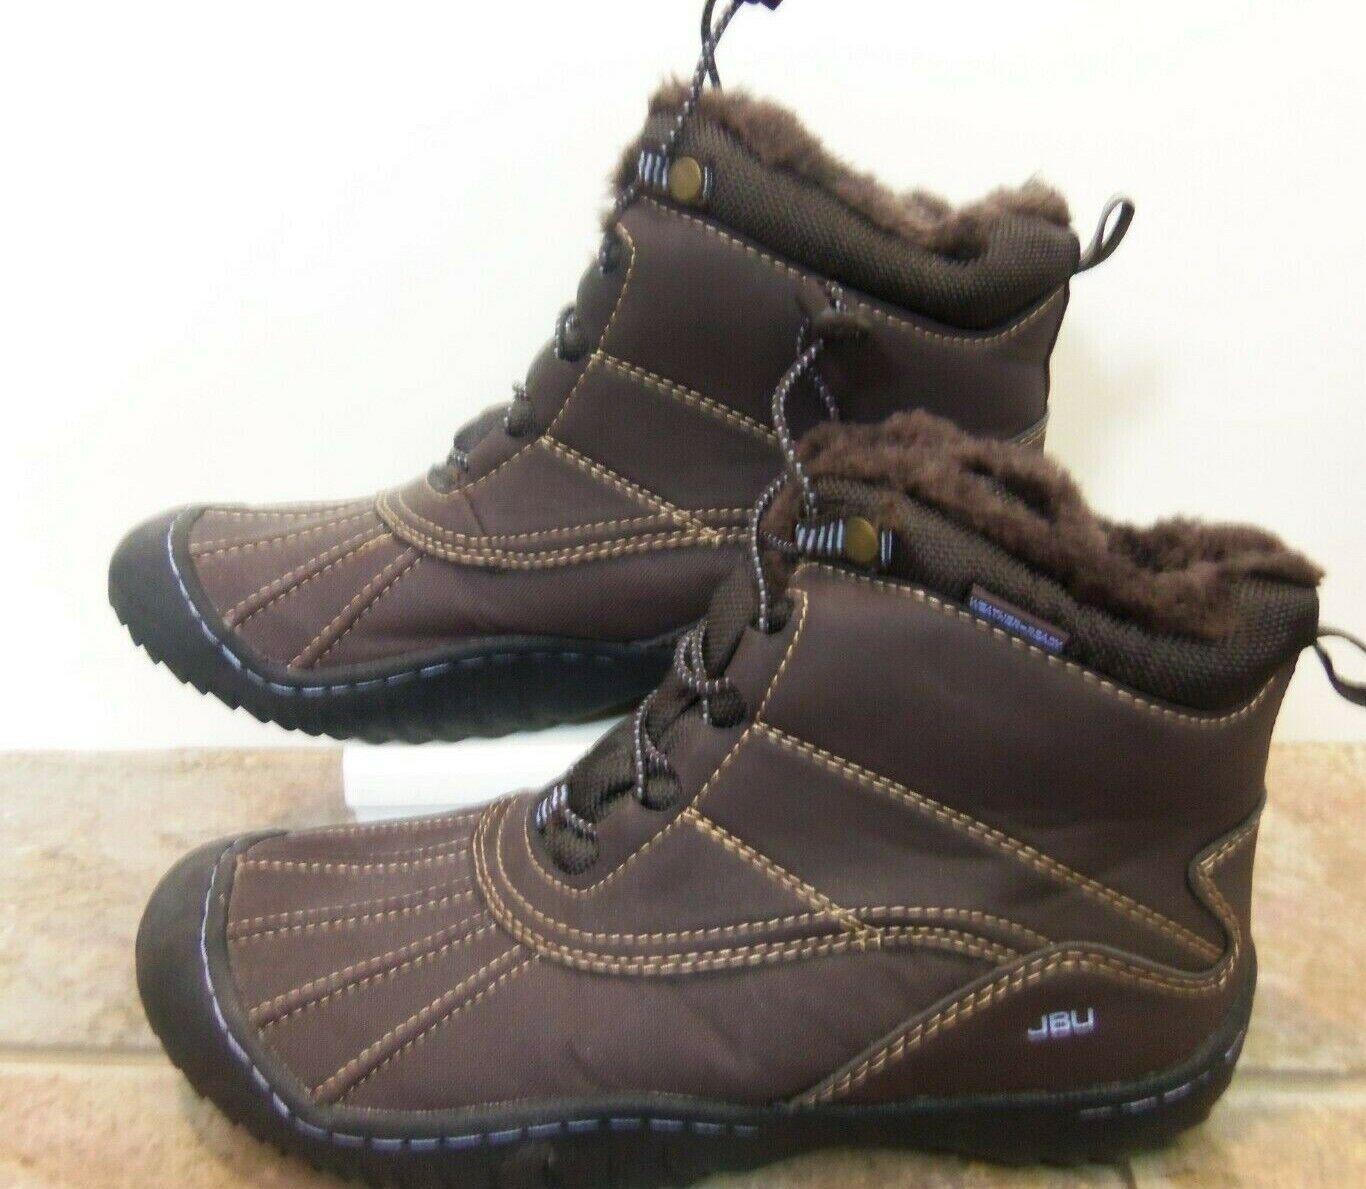 JBU chaussures Météo Prêt bottes Pluie Neige en cuir marron fourrure 8 m NEUF